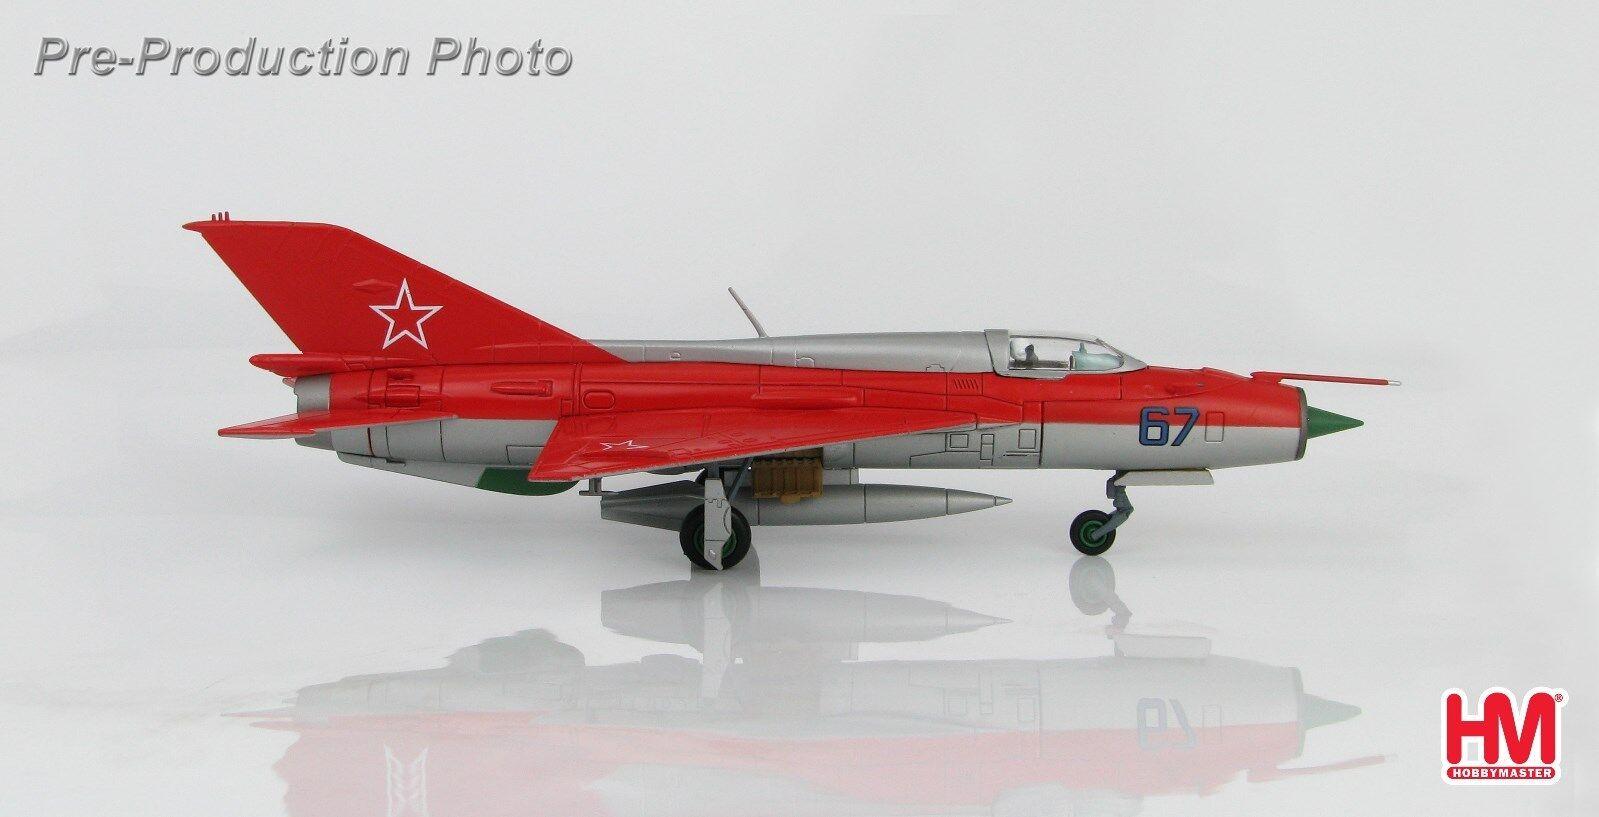 Hobby - meister ha0189, mig-21pfm  kunstflug - team , nr. 67, der sowjetischen luftwaffe, kubink